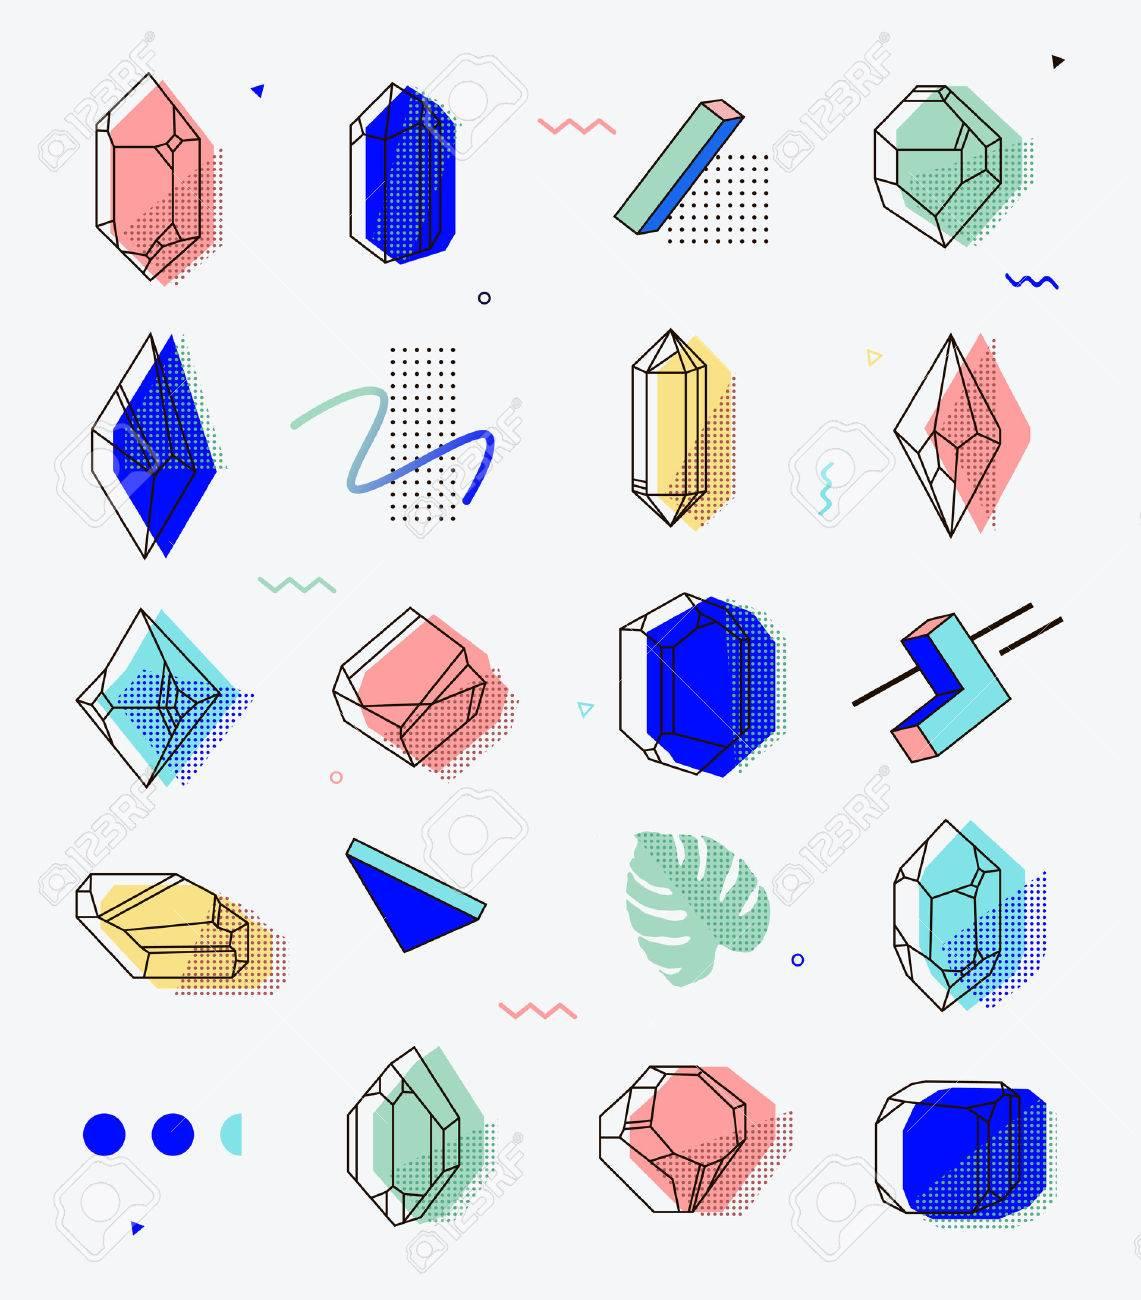 Ensemble des objets spatiaux cristaux avec des formes géométriques. le style Memphis pour hipsters. Les éléments de couverture, mode, t-shirts, des cartes-cadeaux, 80. Banque d'images - 55511453